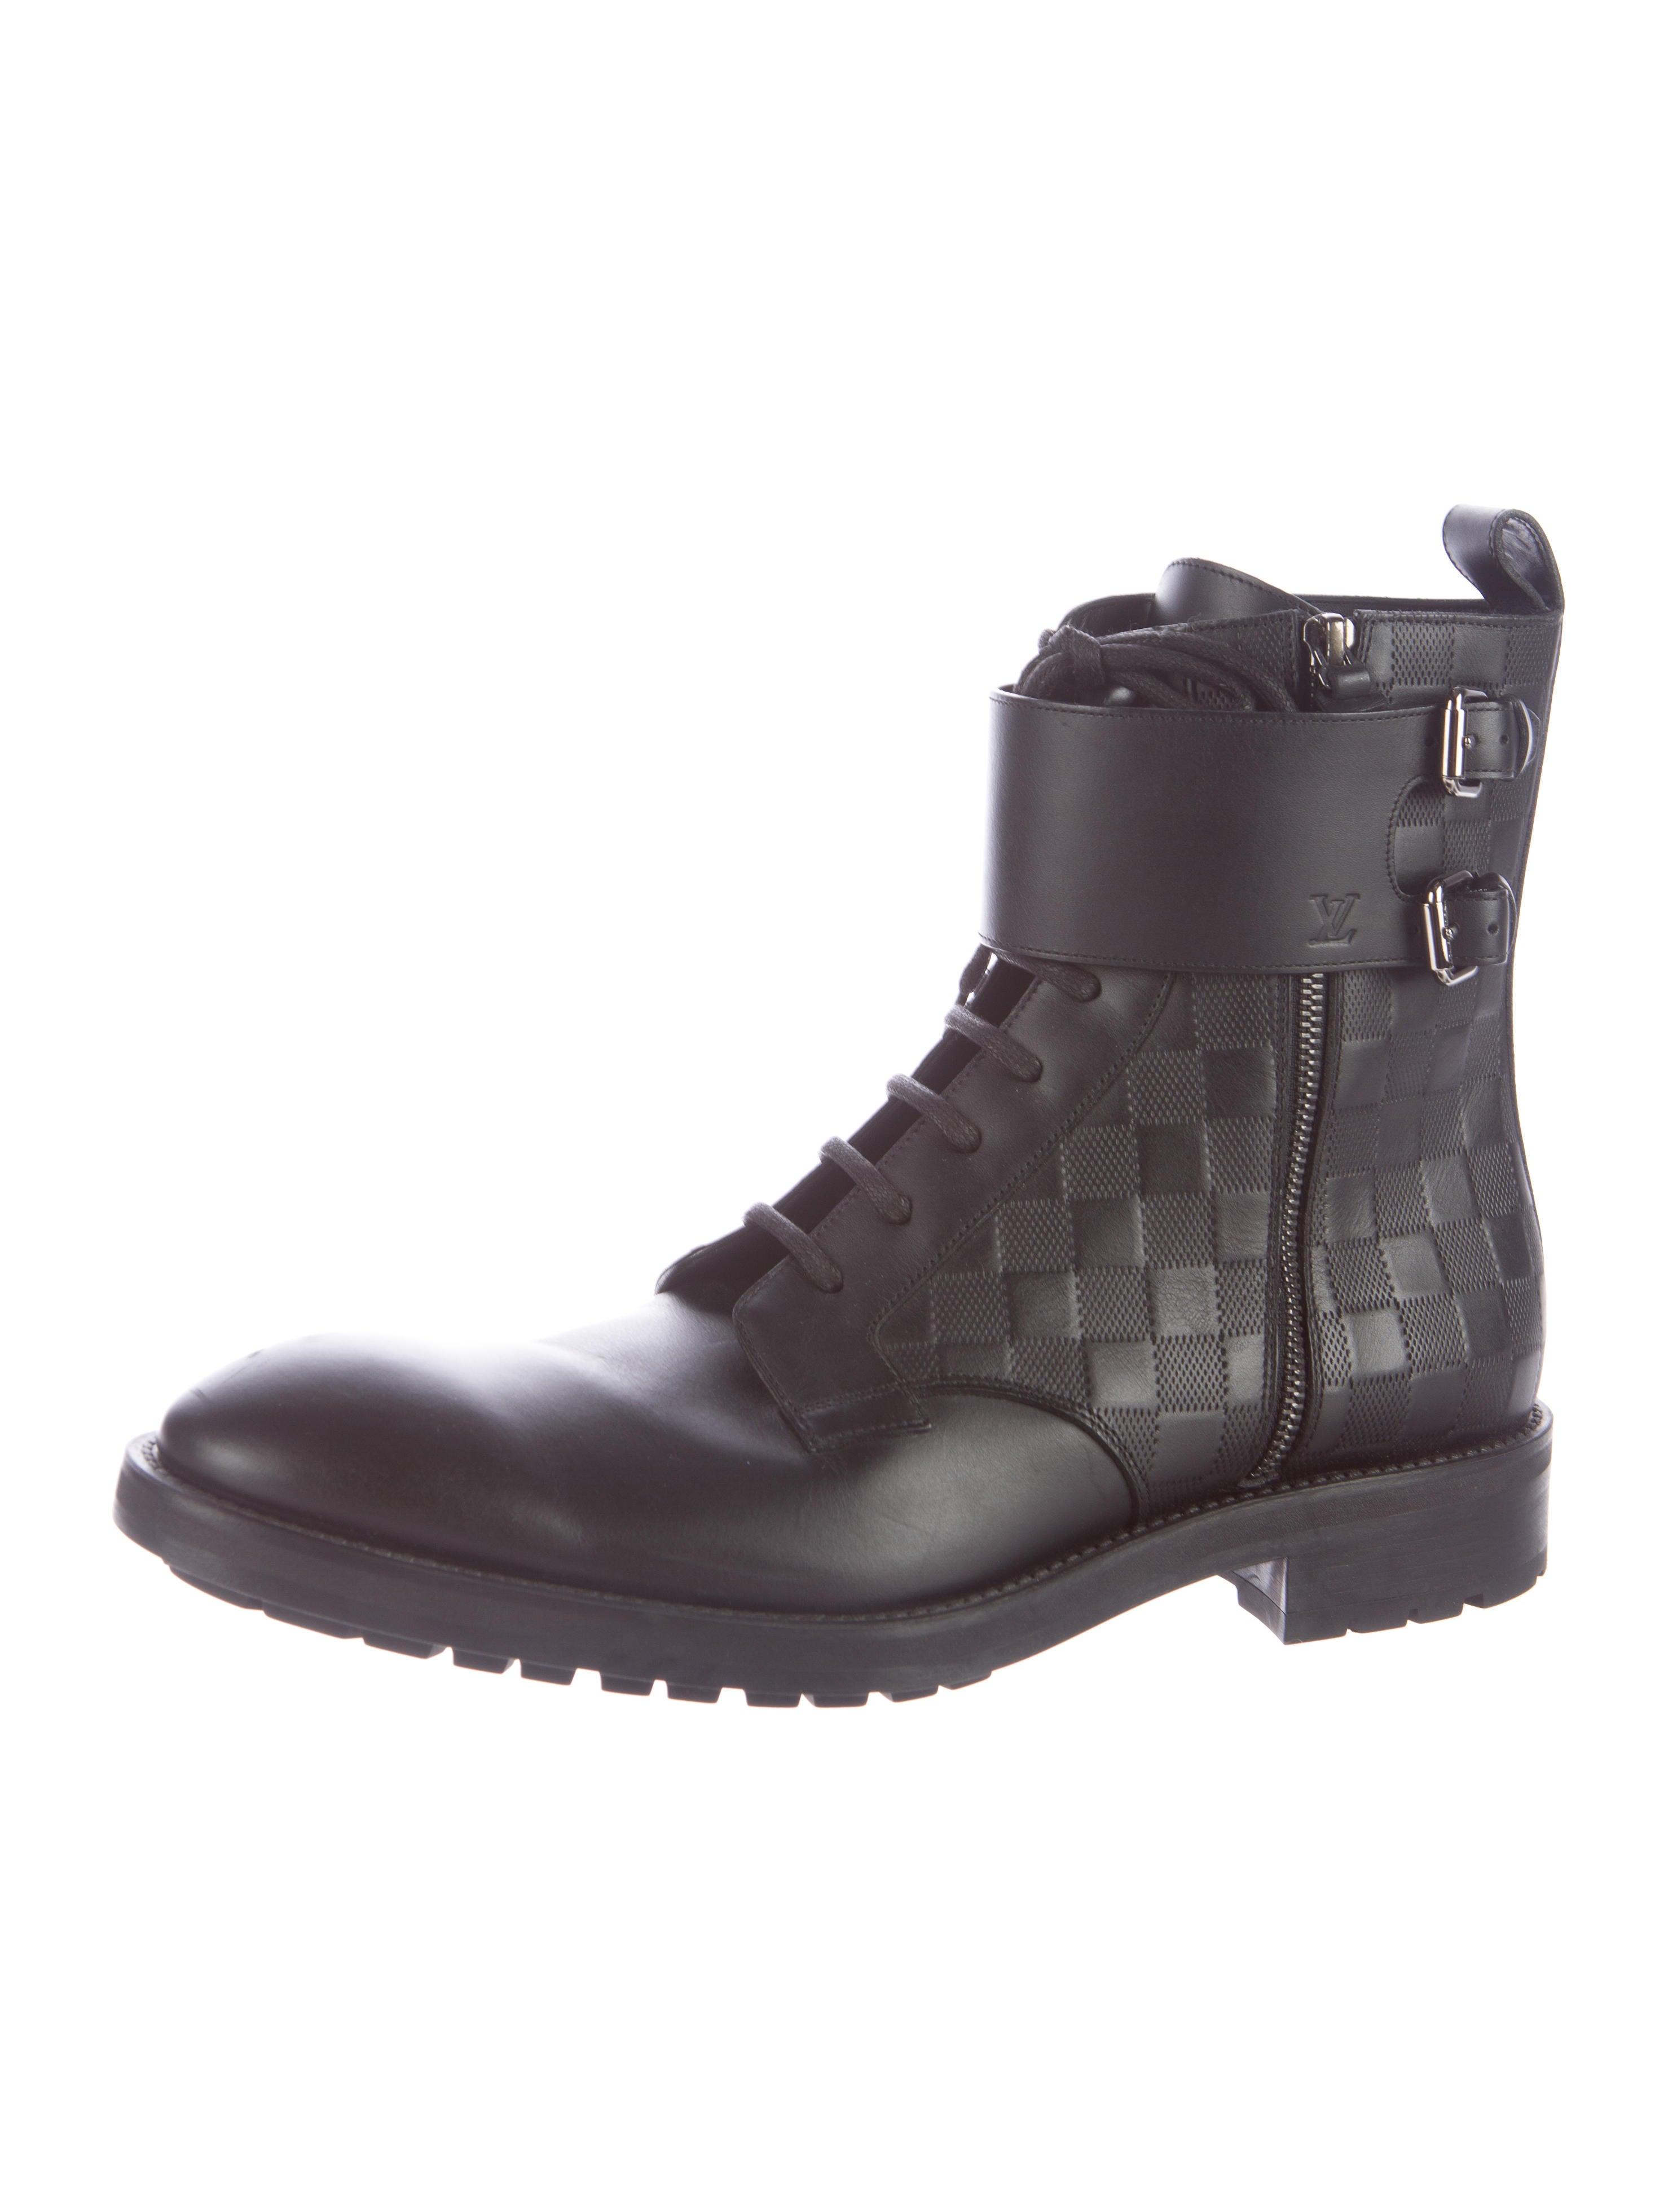 b9c891decfb Louis Vuitton Damier Leather Combat Boots - Shoes .